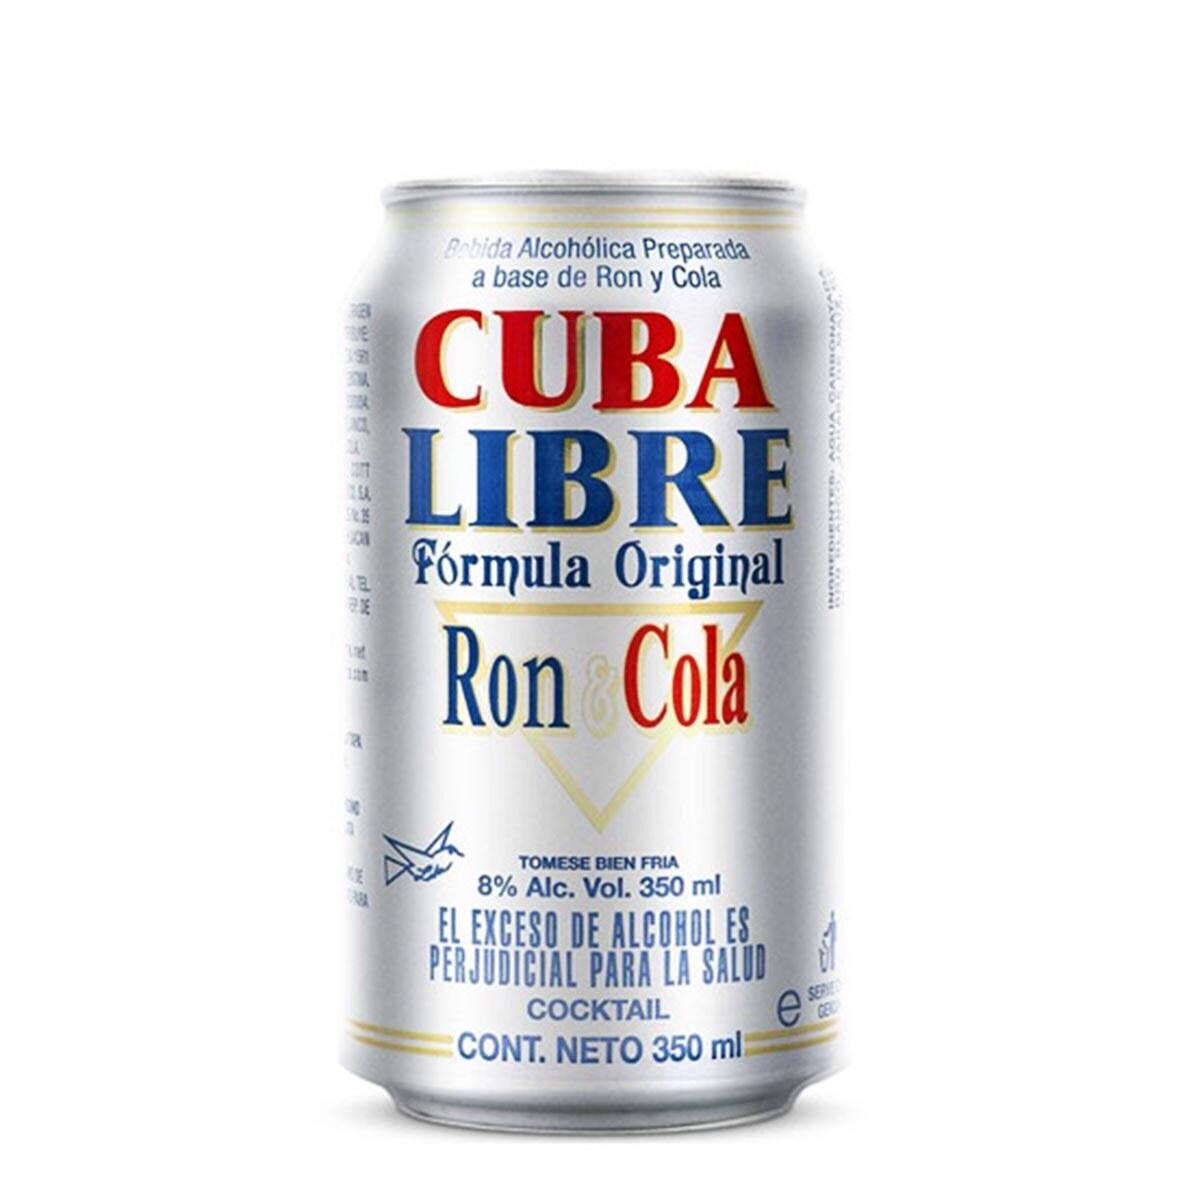 CUBA LIBRE RON Y COLA Alc. 8.0% vol. 350ml